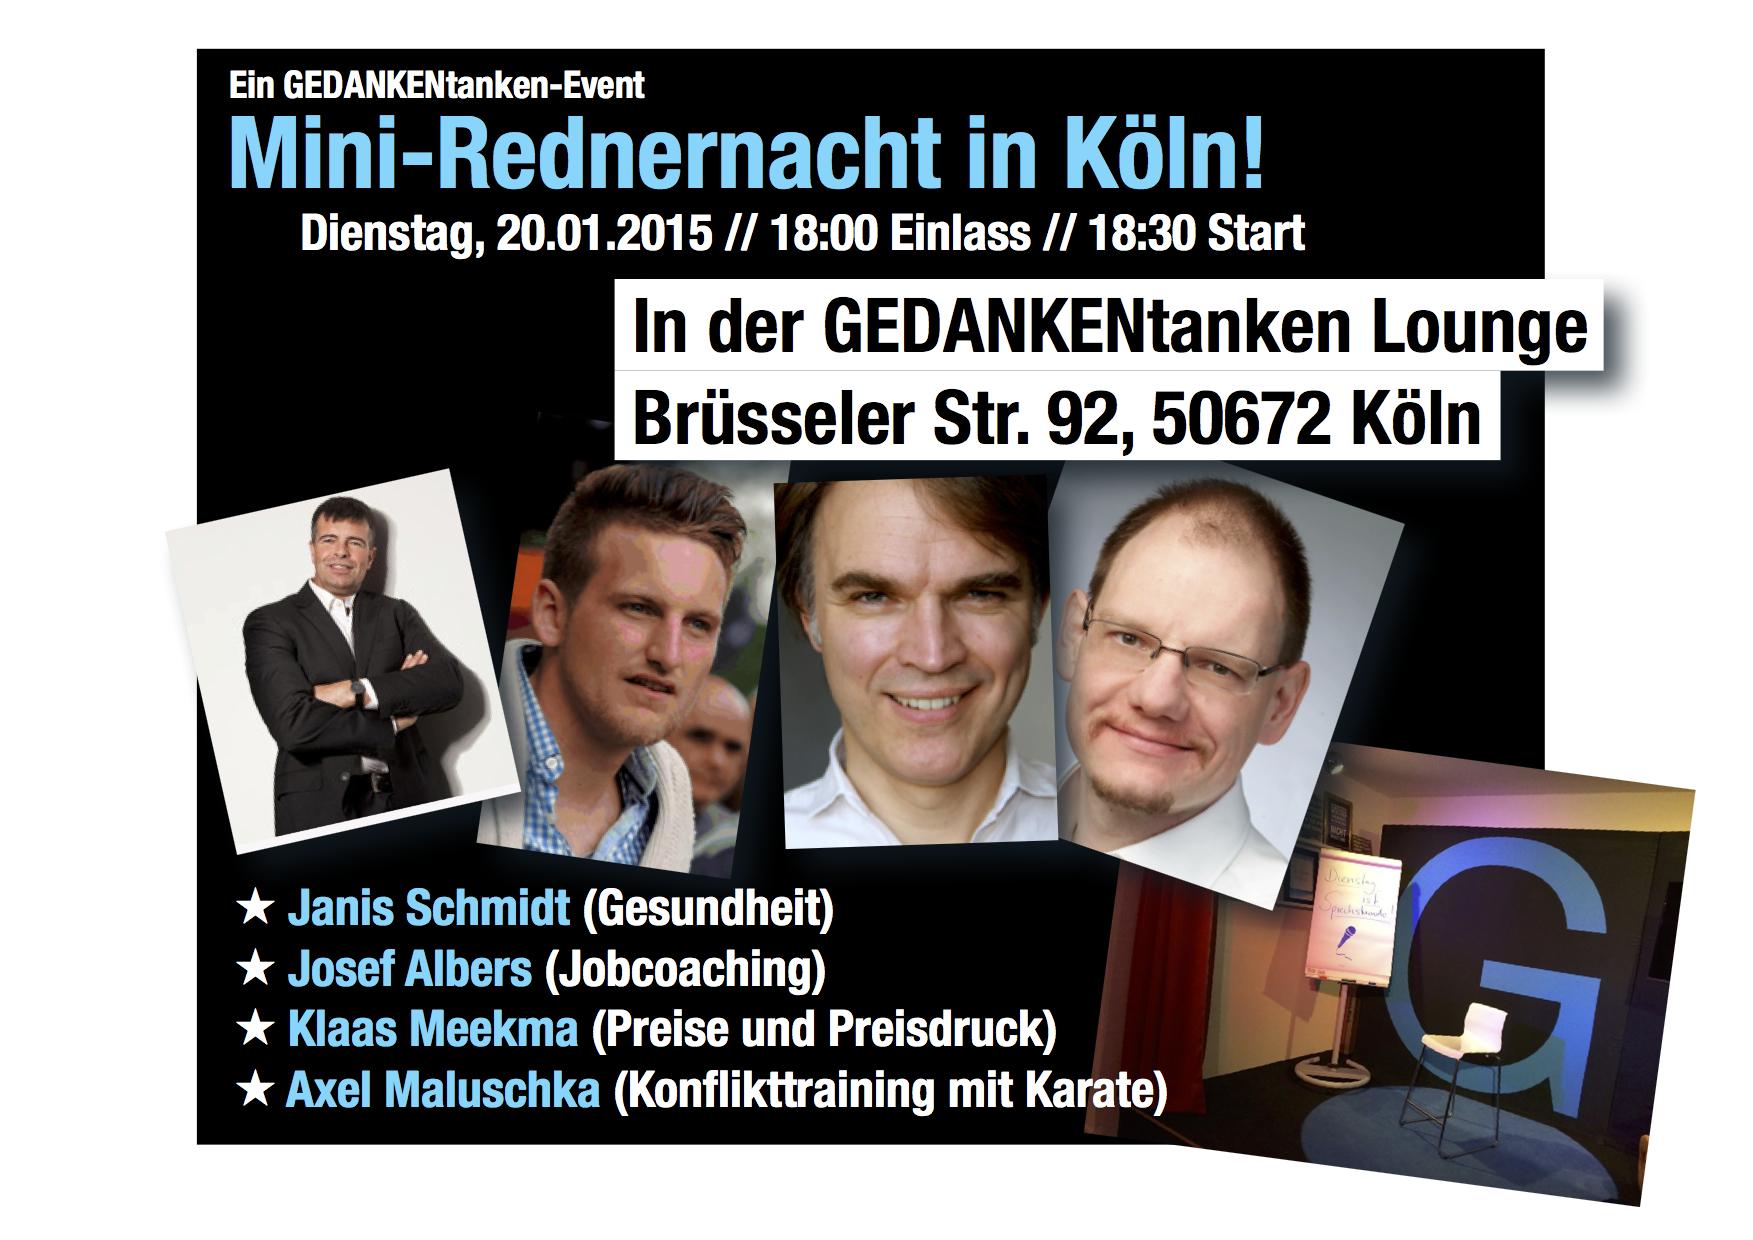 Vortrag in der GEDANKENtanken Lounge in Köln